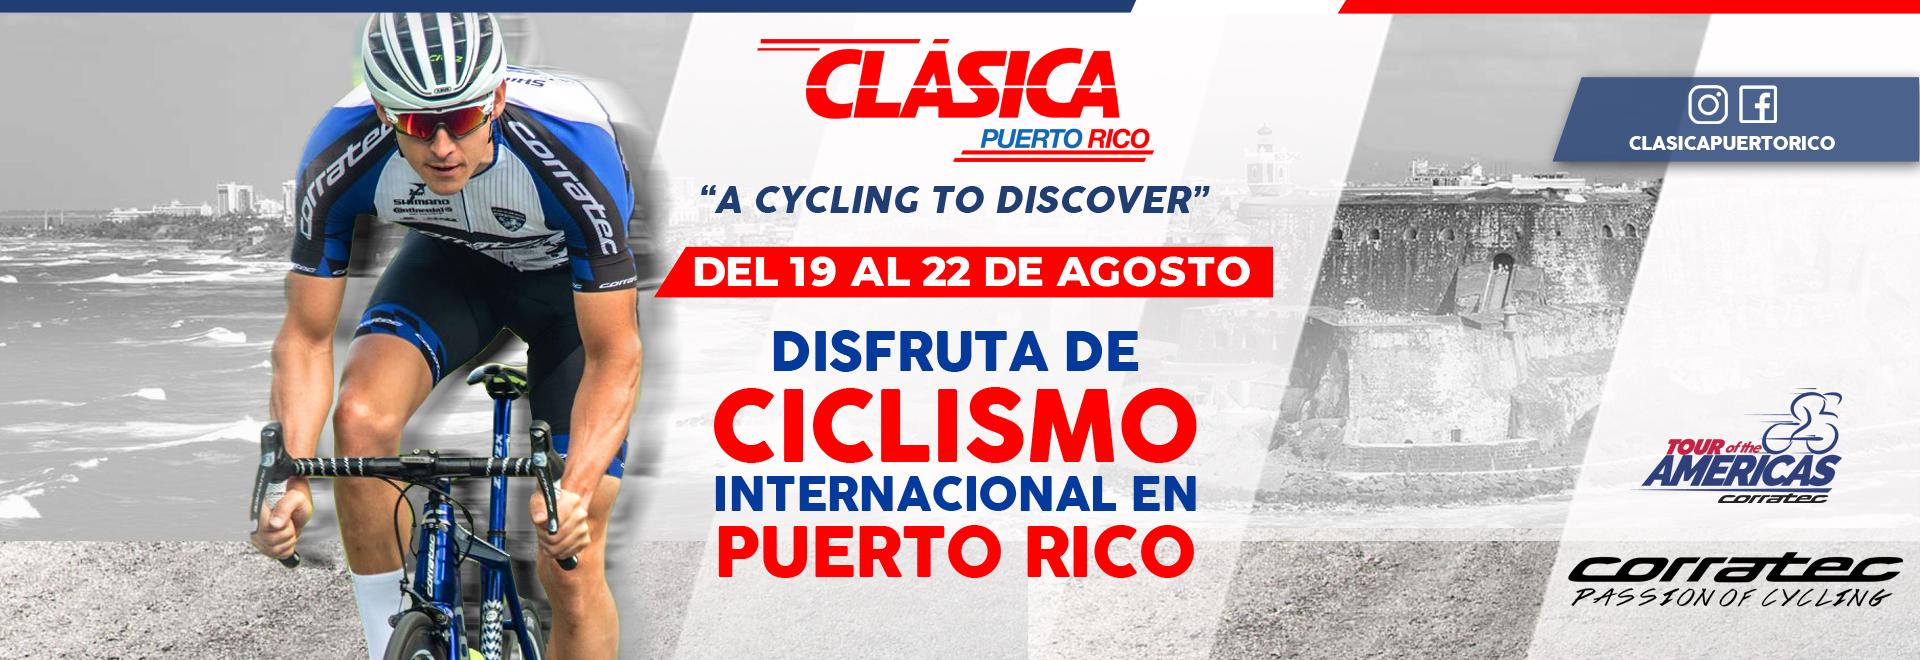 Clásica de Puerto Rico - 19 al 22 de agosto de 2021